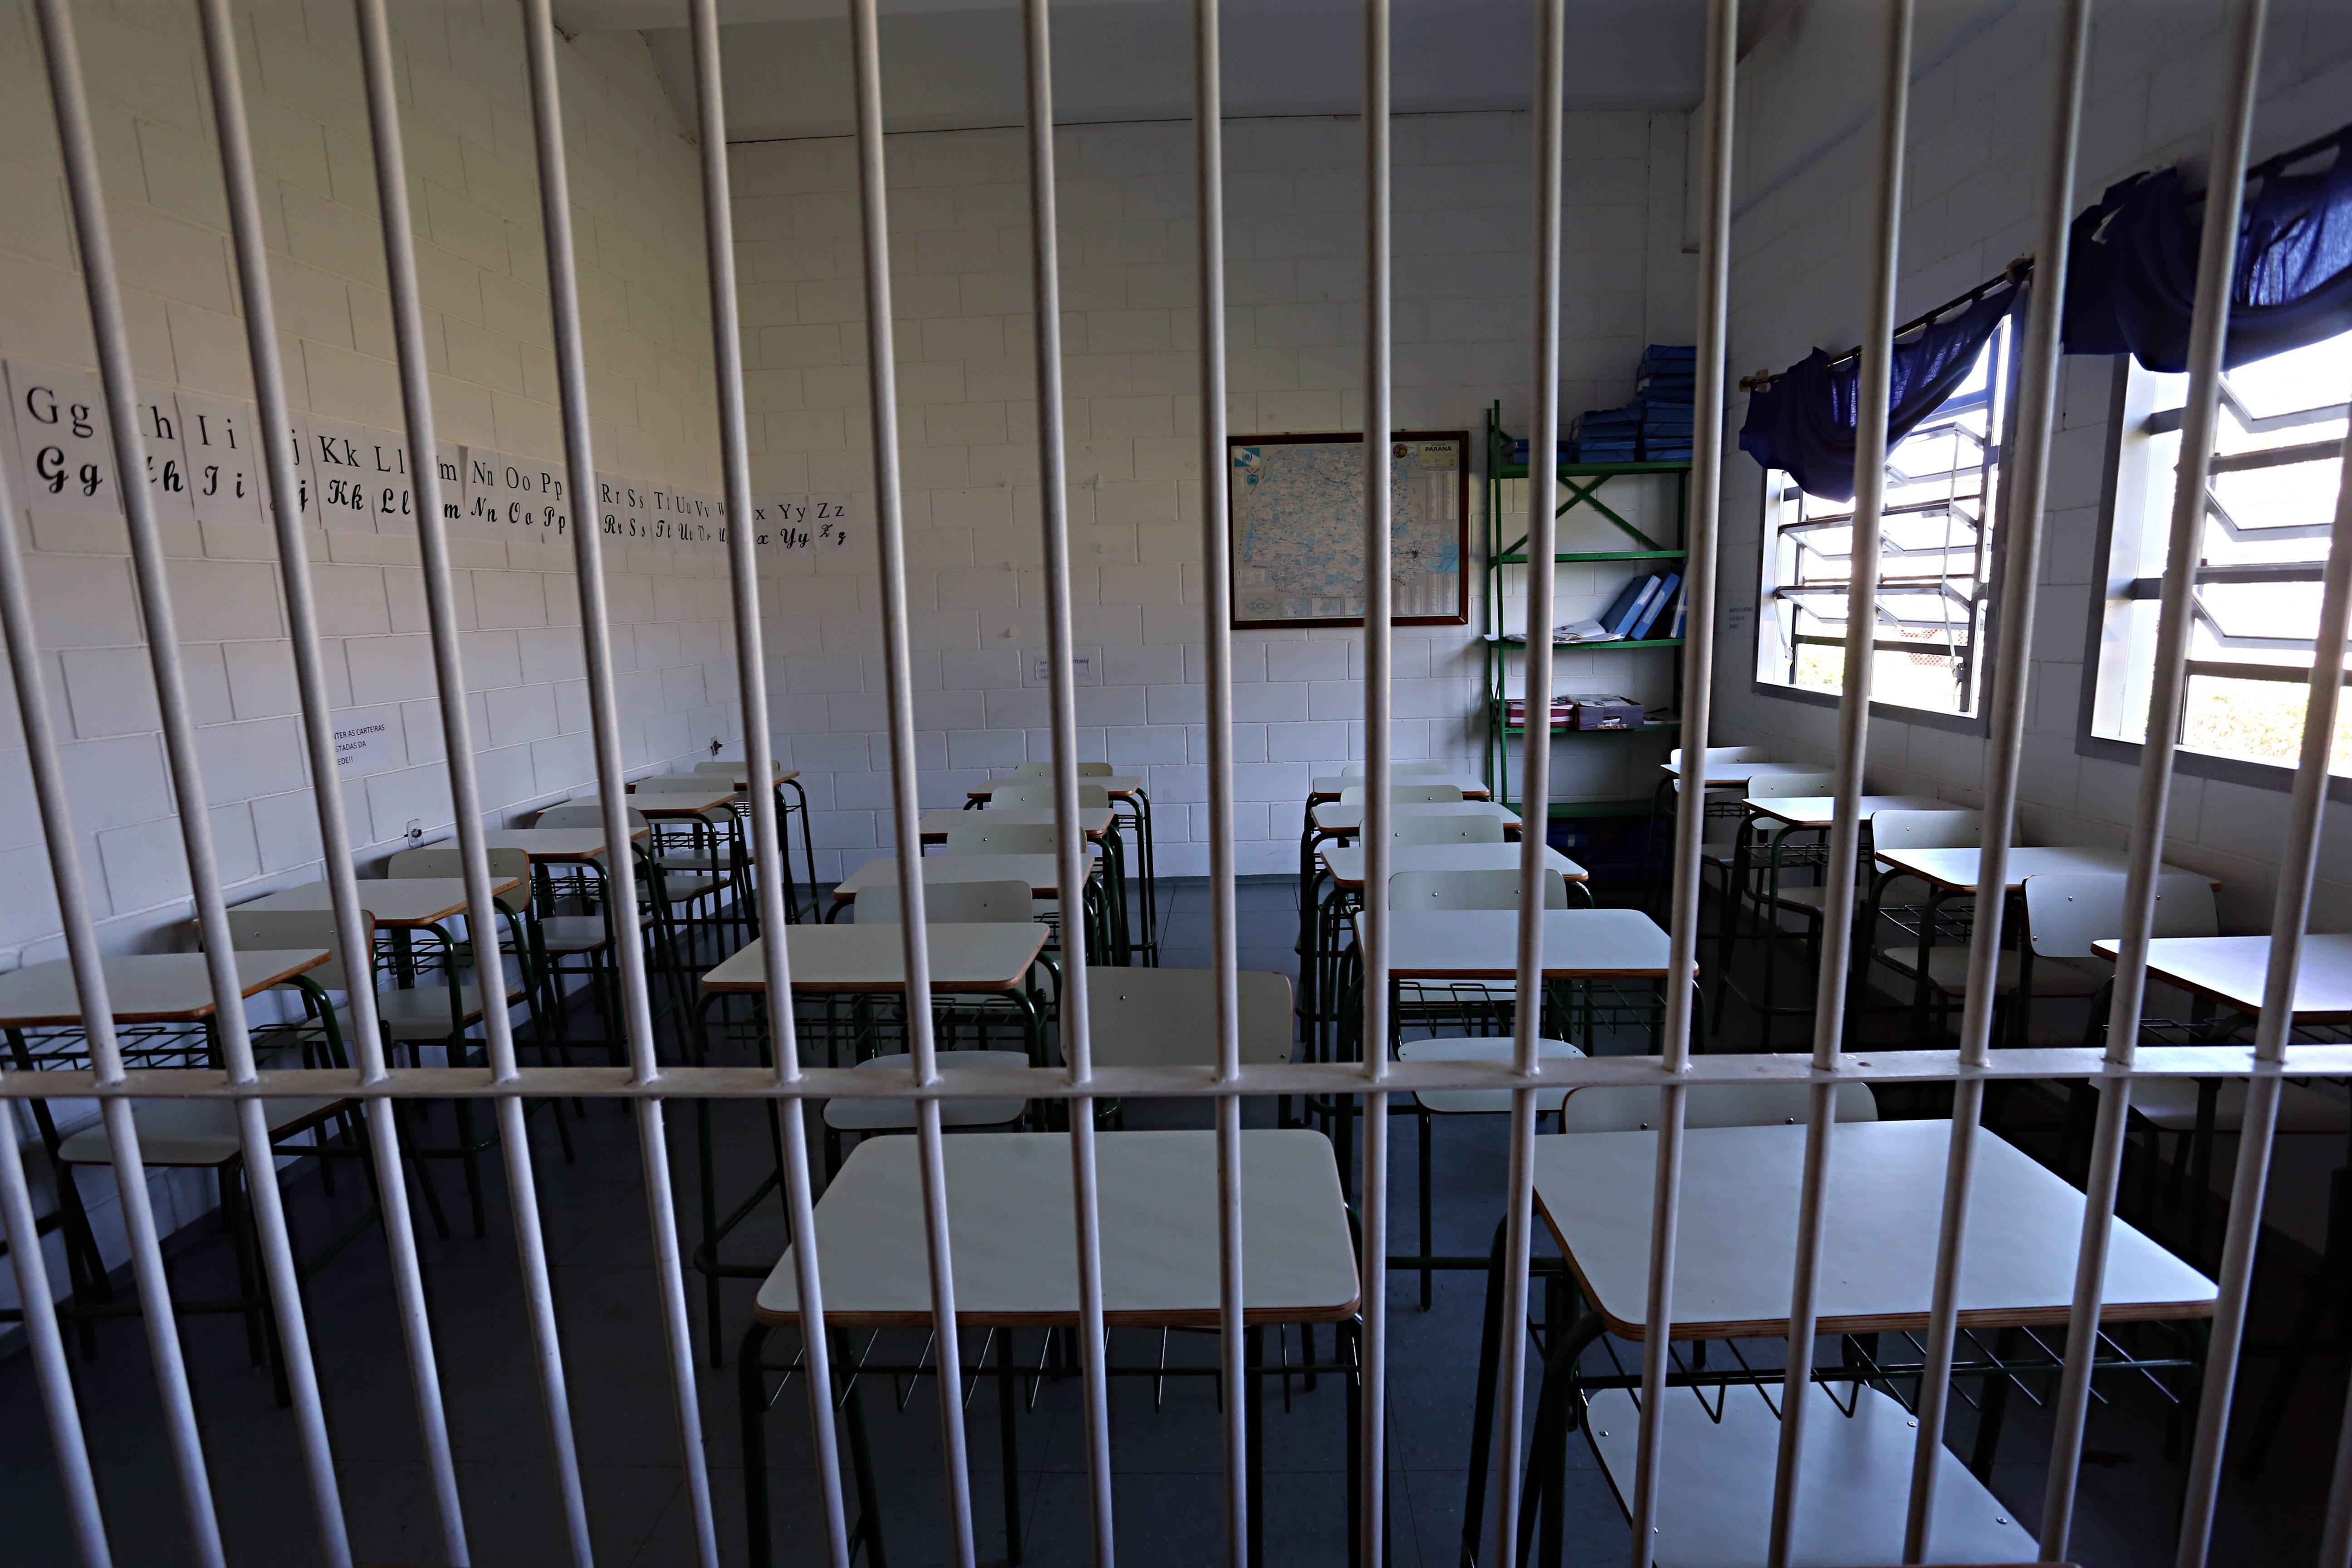 Sala de aula em presídio: segundo o Depen, em fevereiro cerca de 47% dos presos estudavam no Paraná.